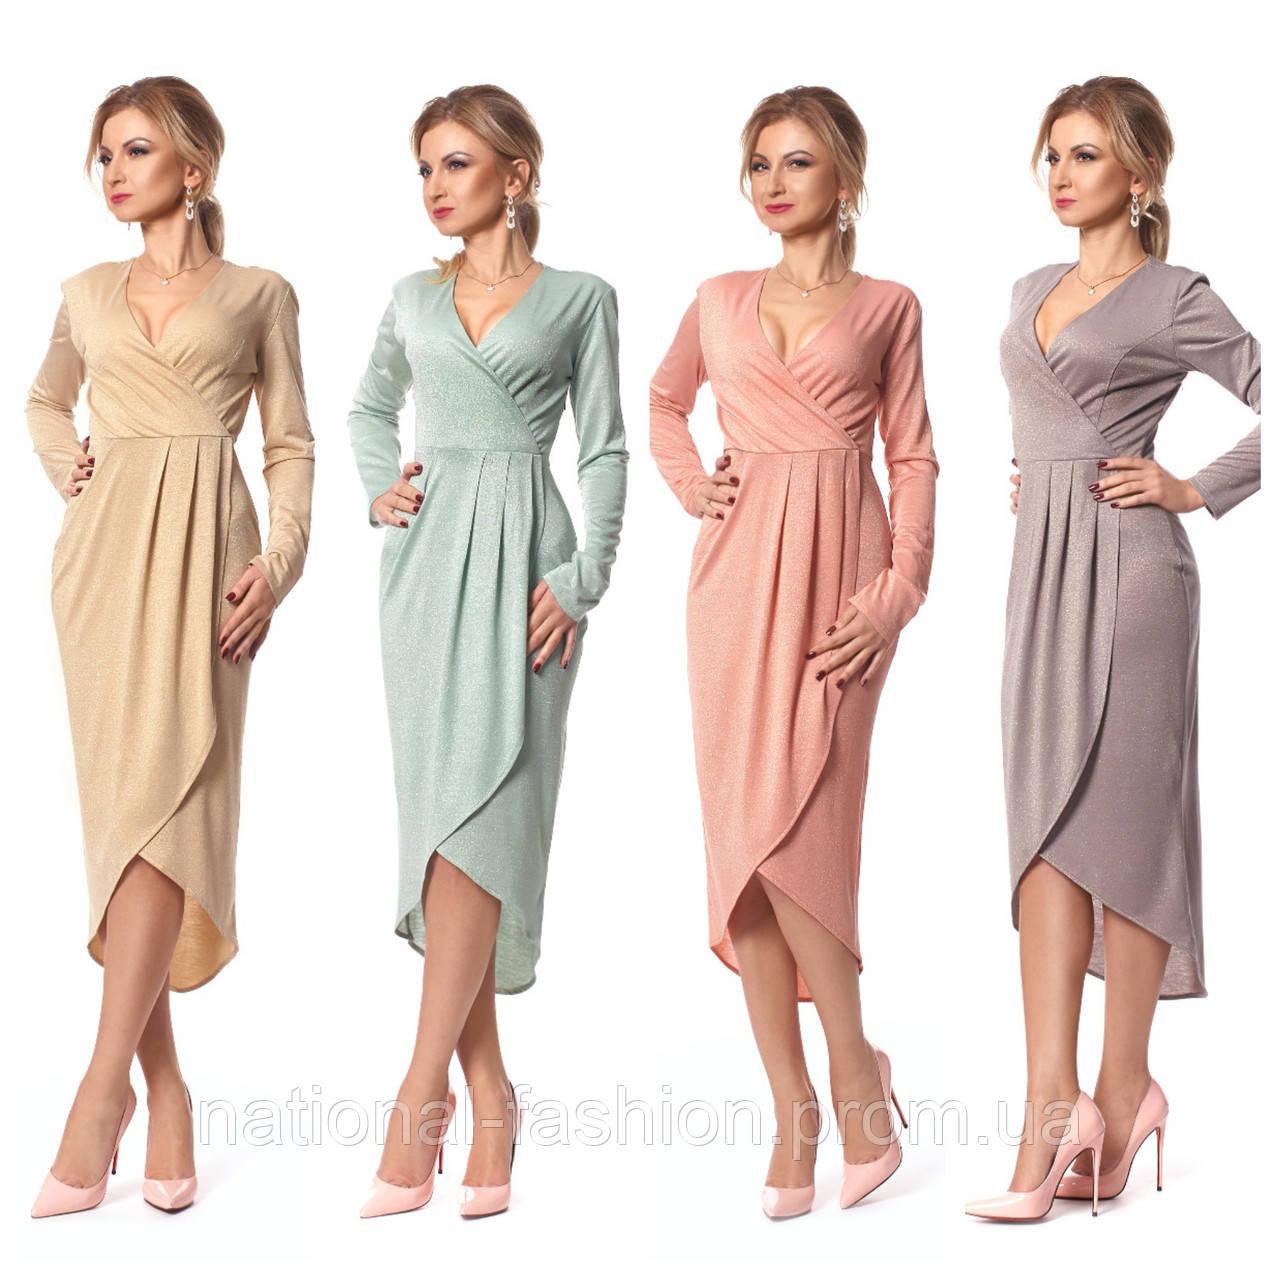 Женское платье миди с люрексом SL 1032 (р 40-50)